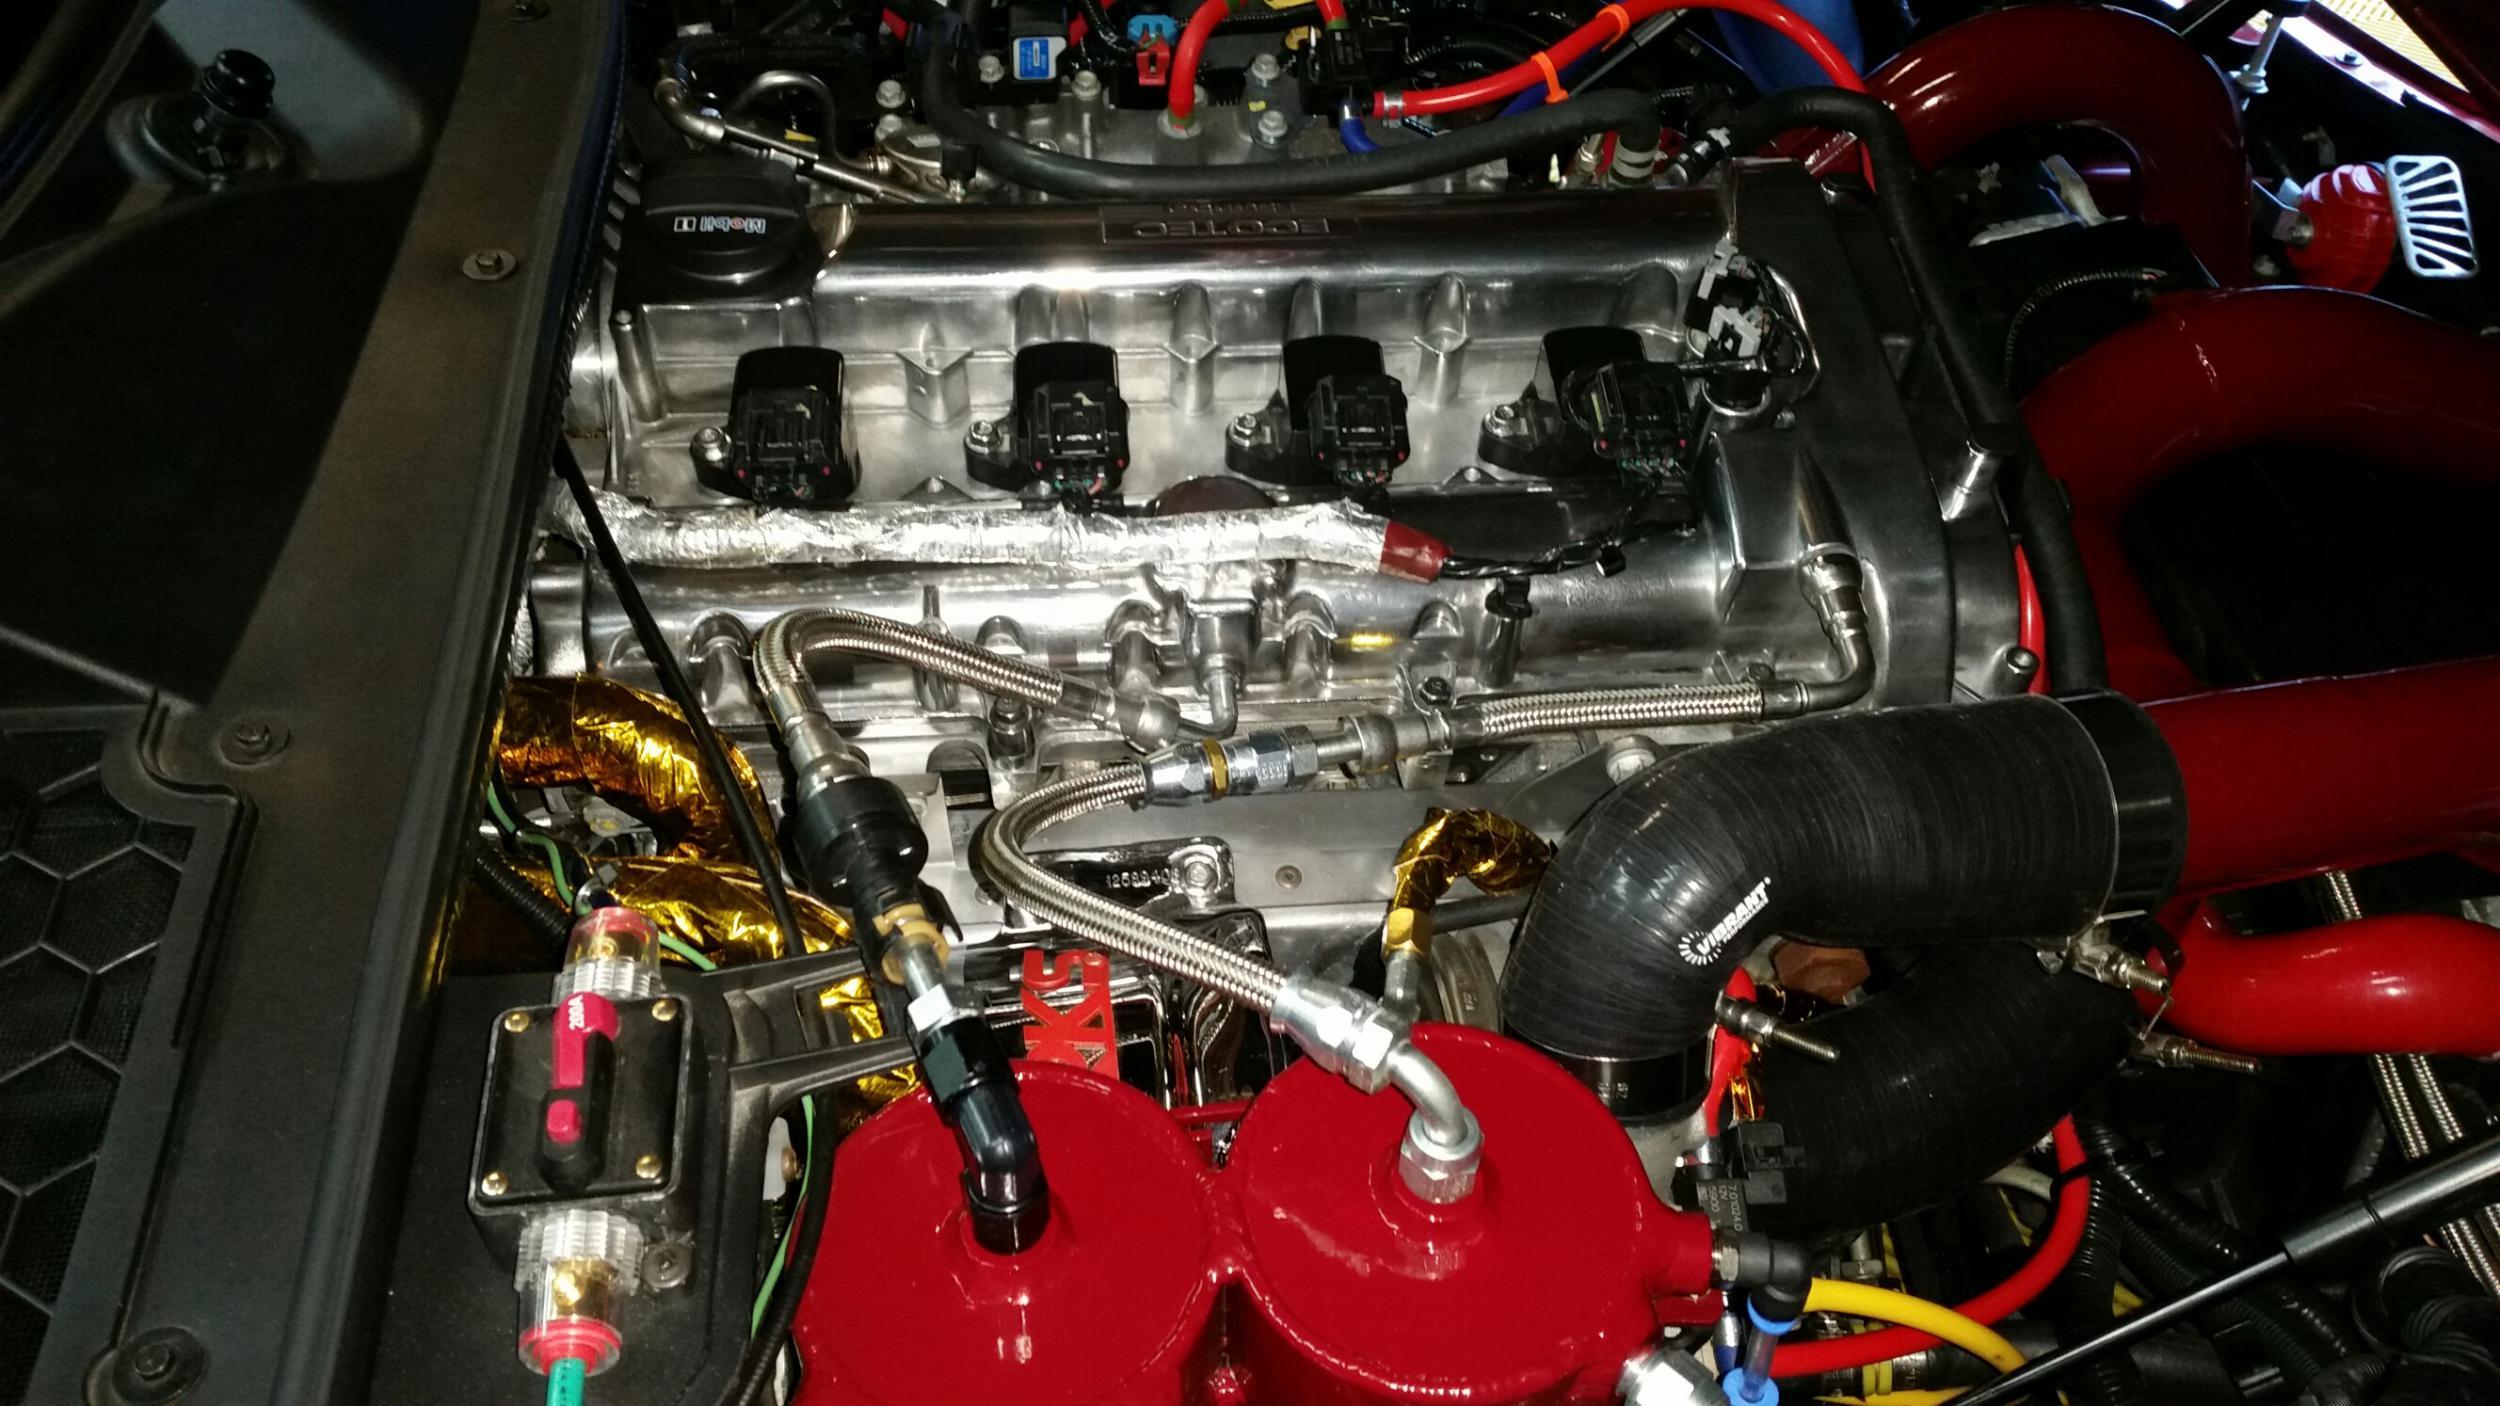 EFR-6758 UPGRADE - It Begins!!!! - Page 10 - Pontiac